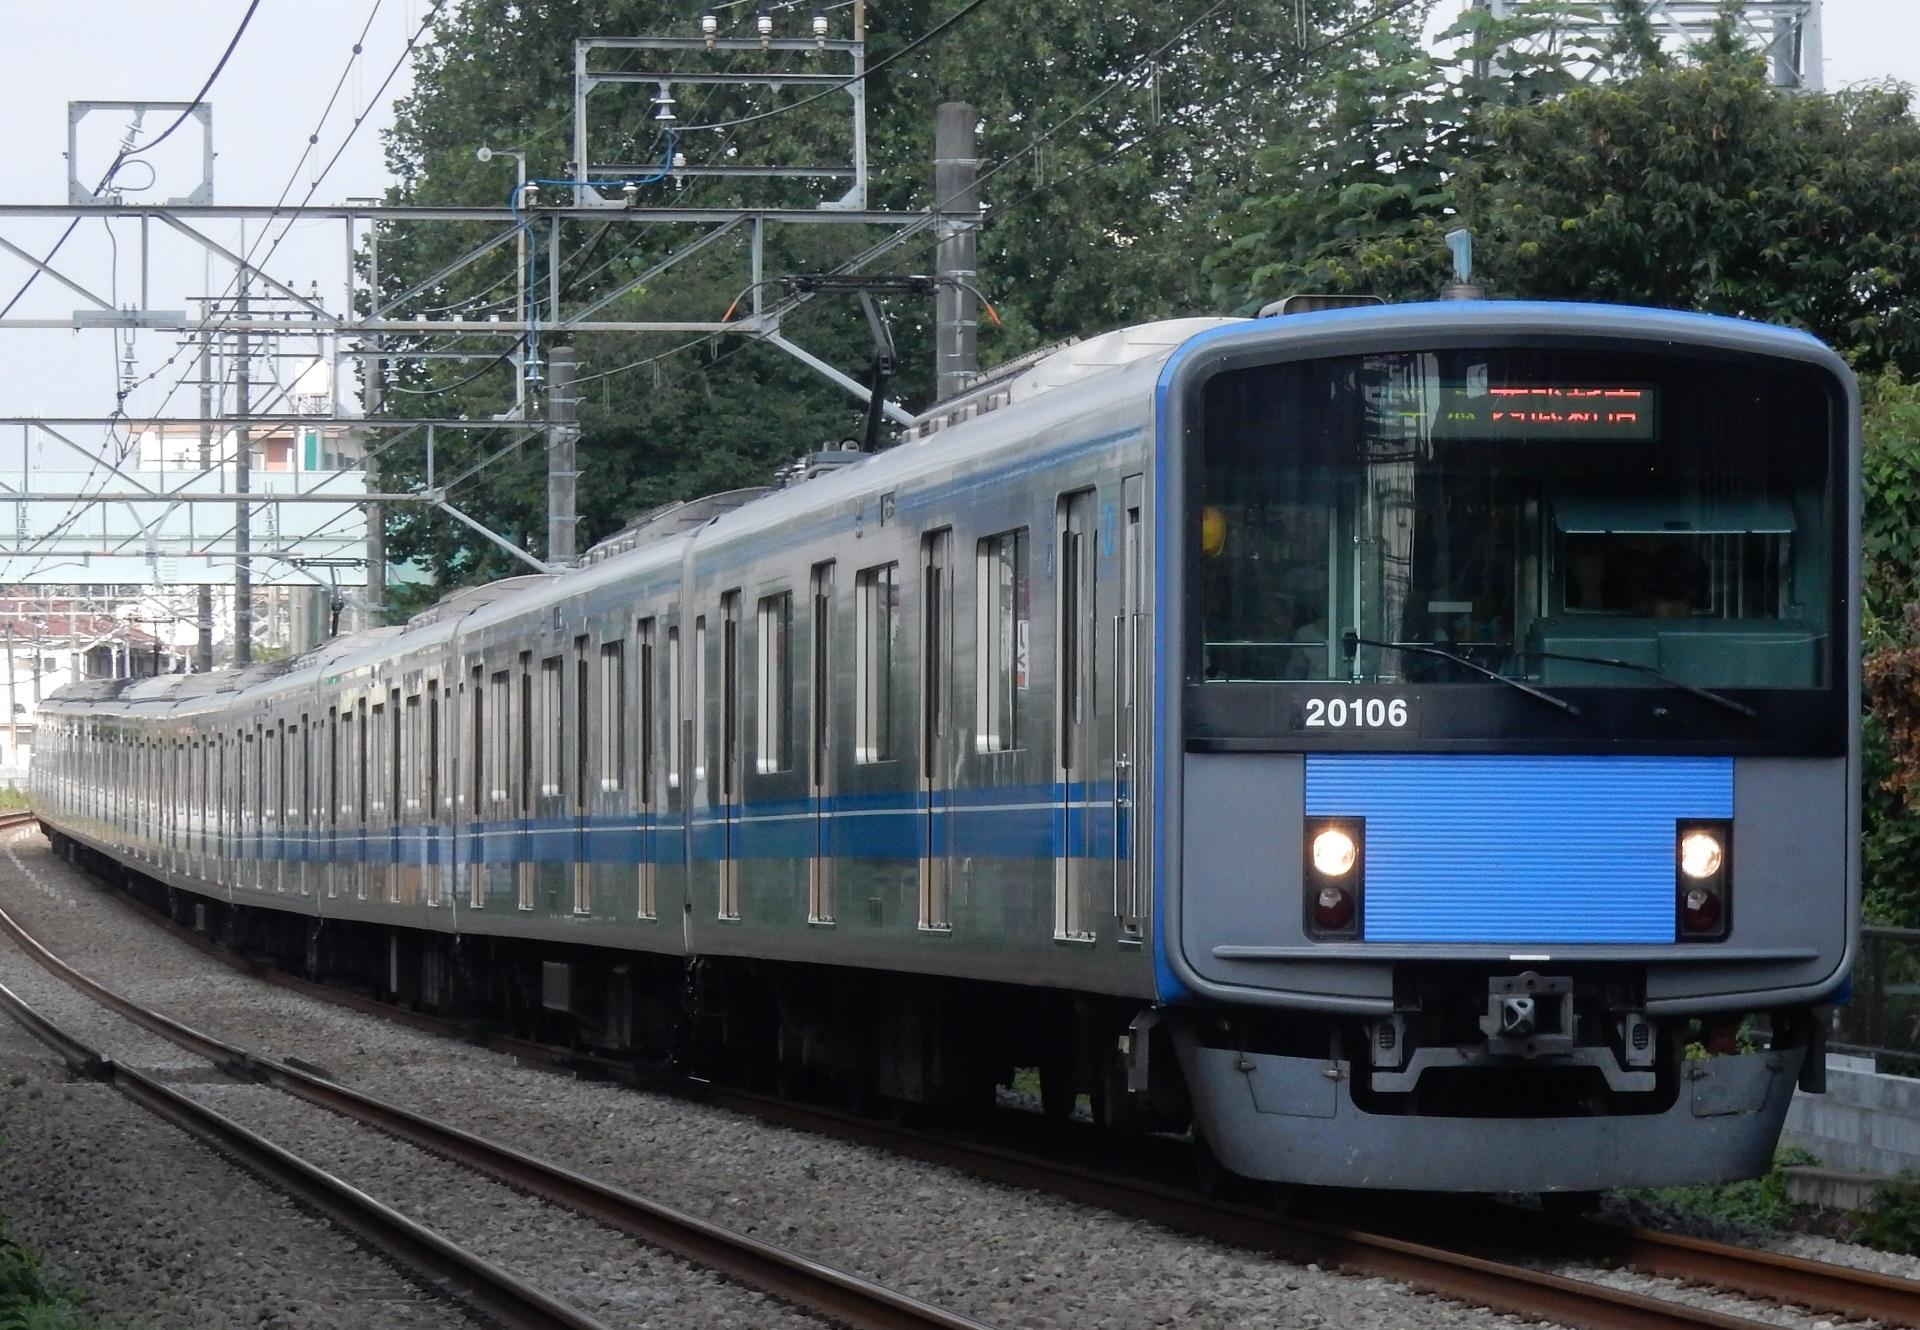 DSCN4924 - コピー